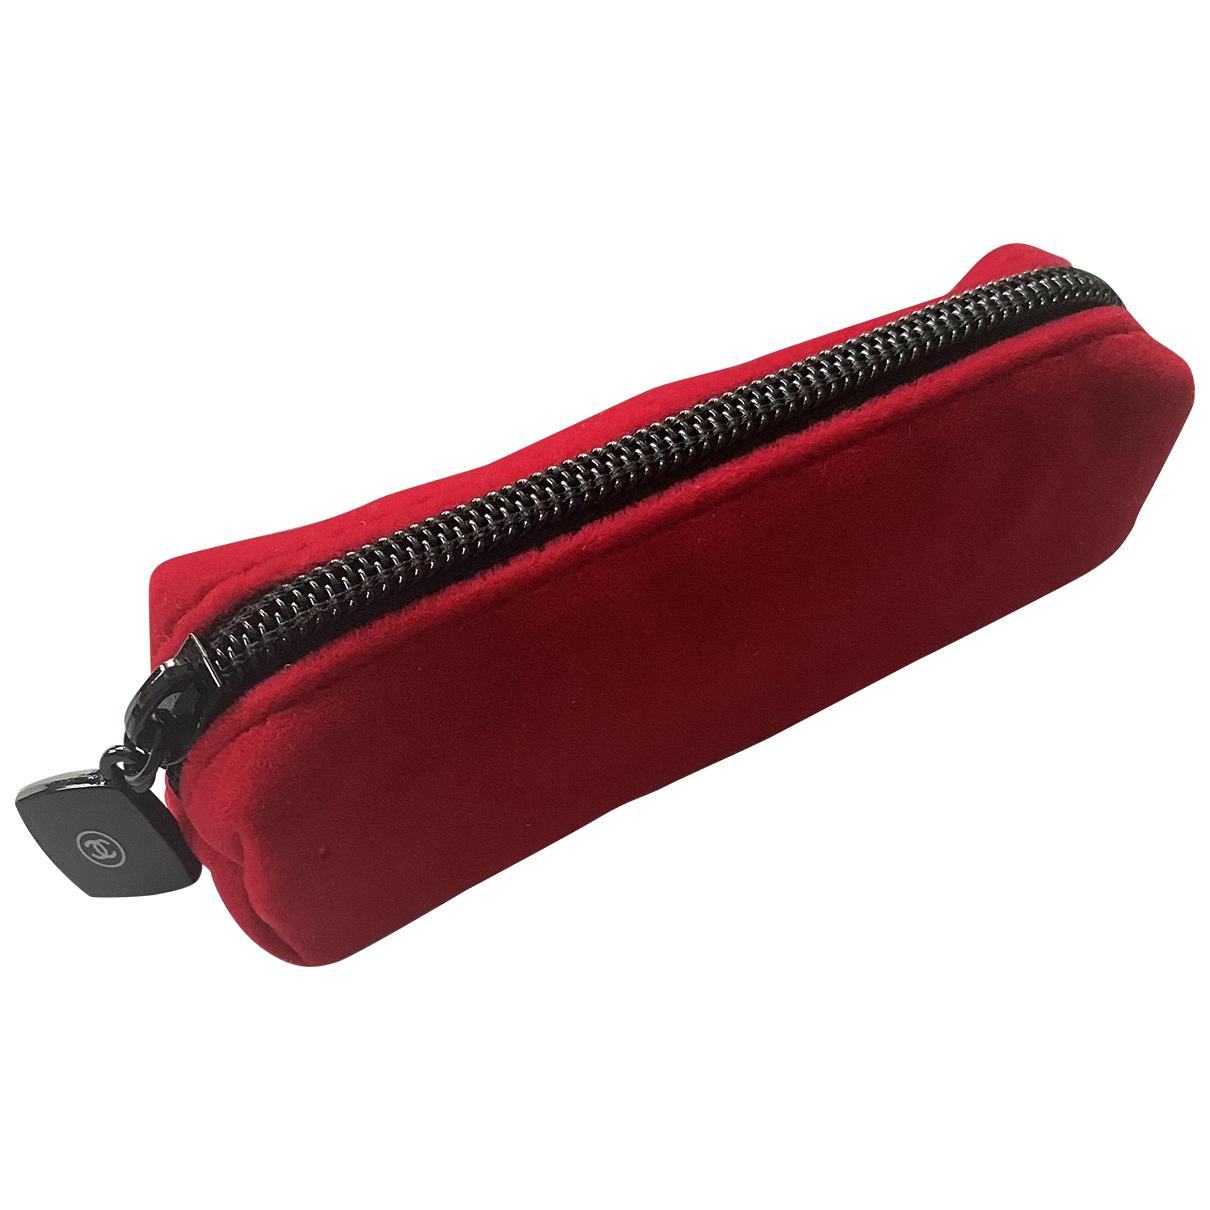 Chanel - Sac de voyage   pour femme - rouge